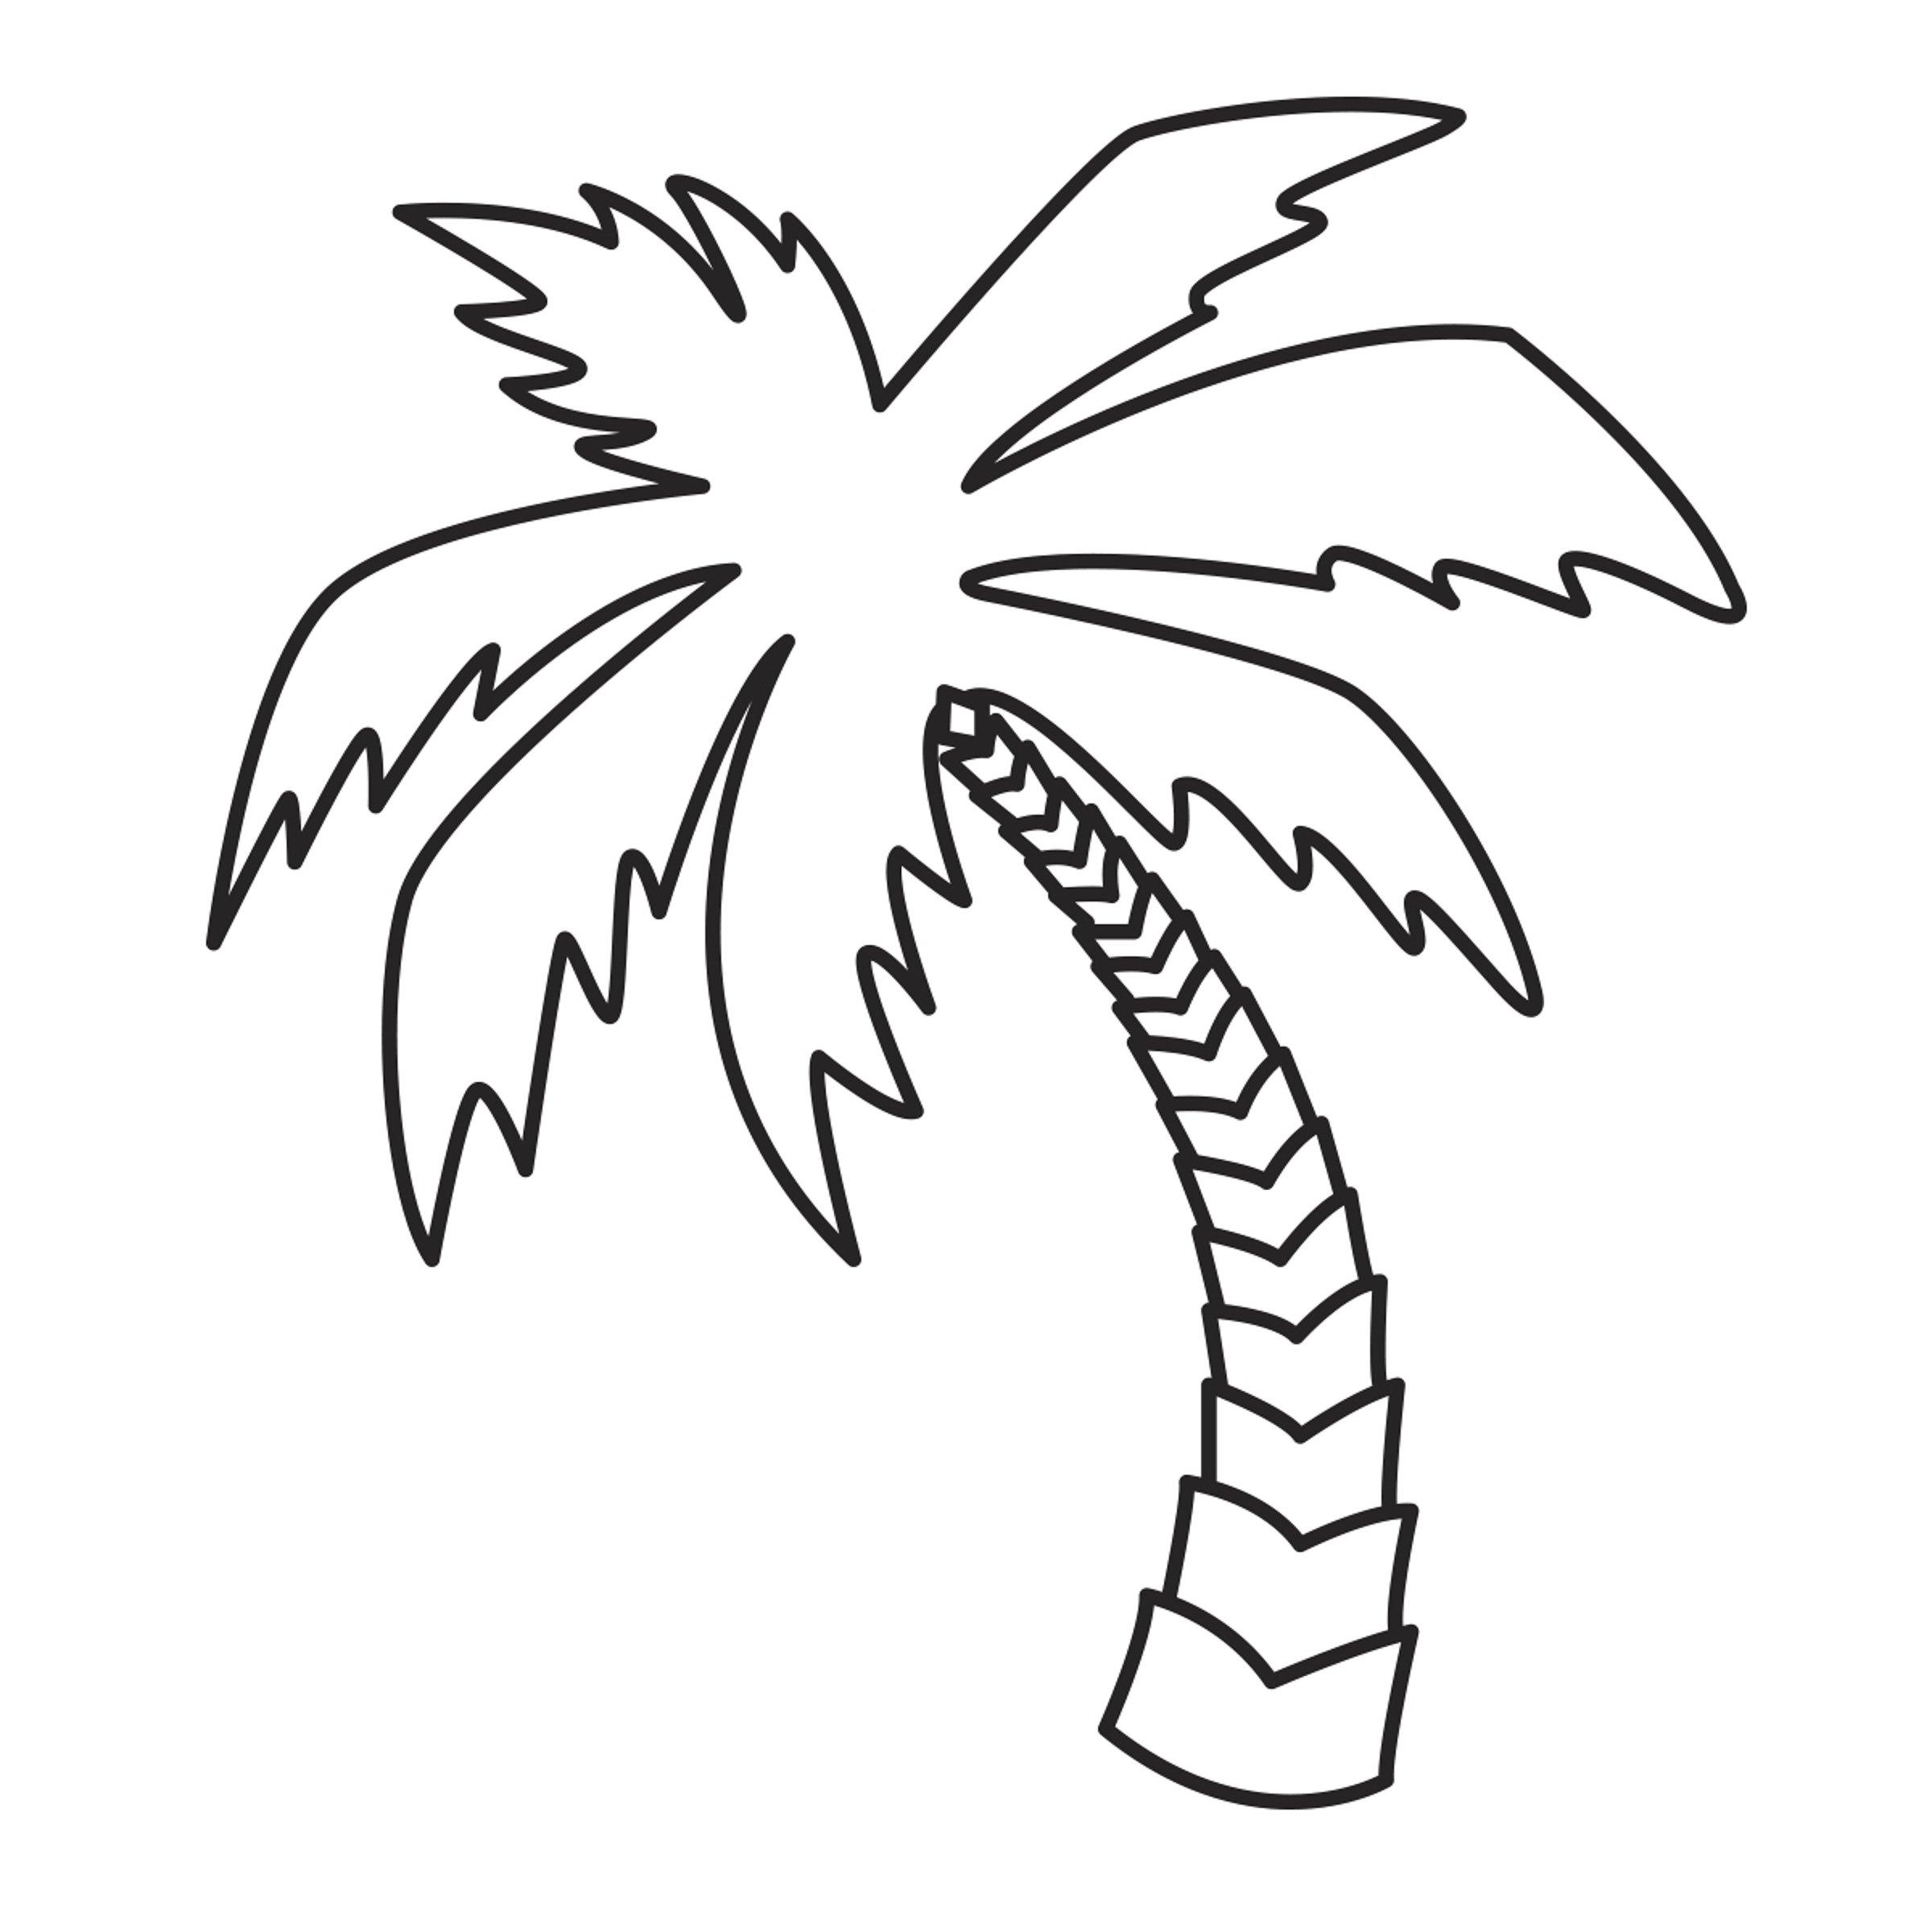 Darice 30023086 Die Cut Emboss Stencil Palm Tree by Darice